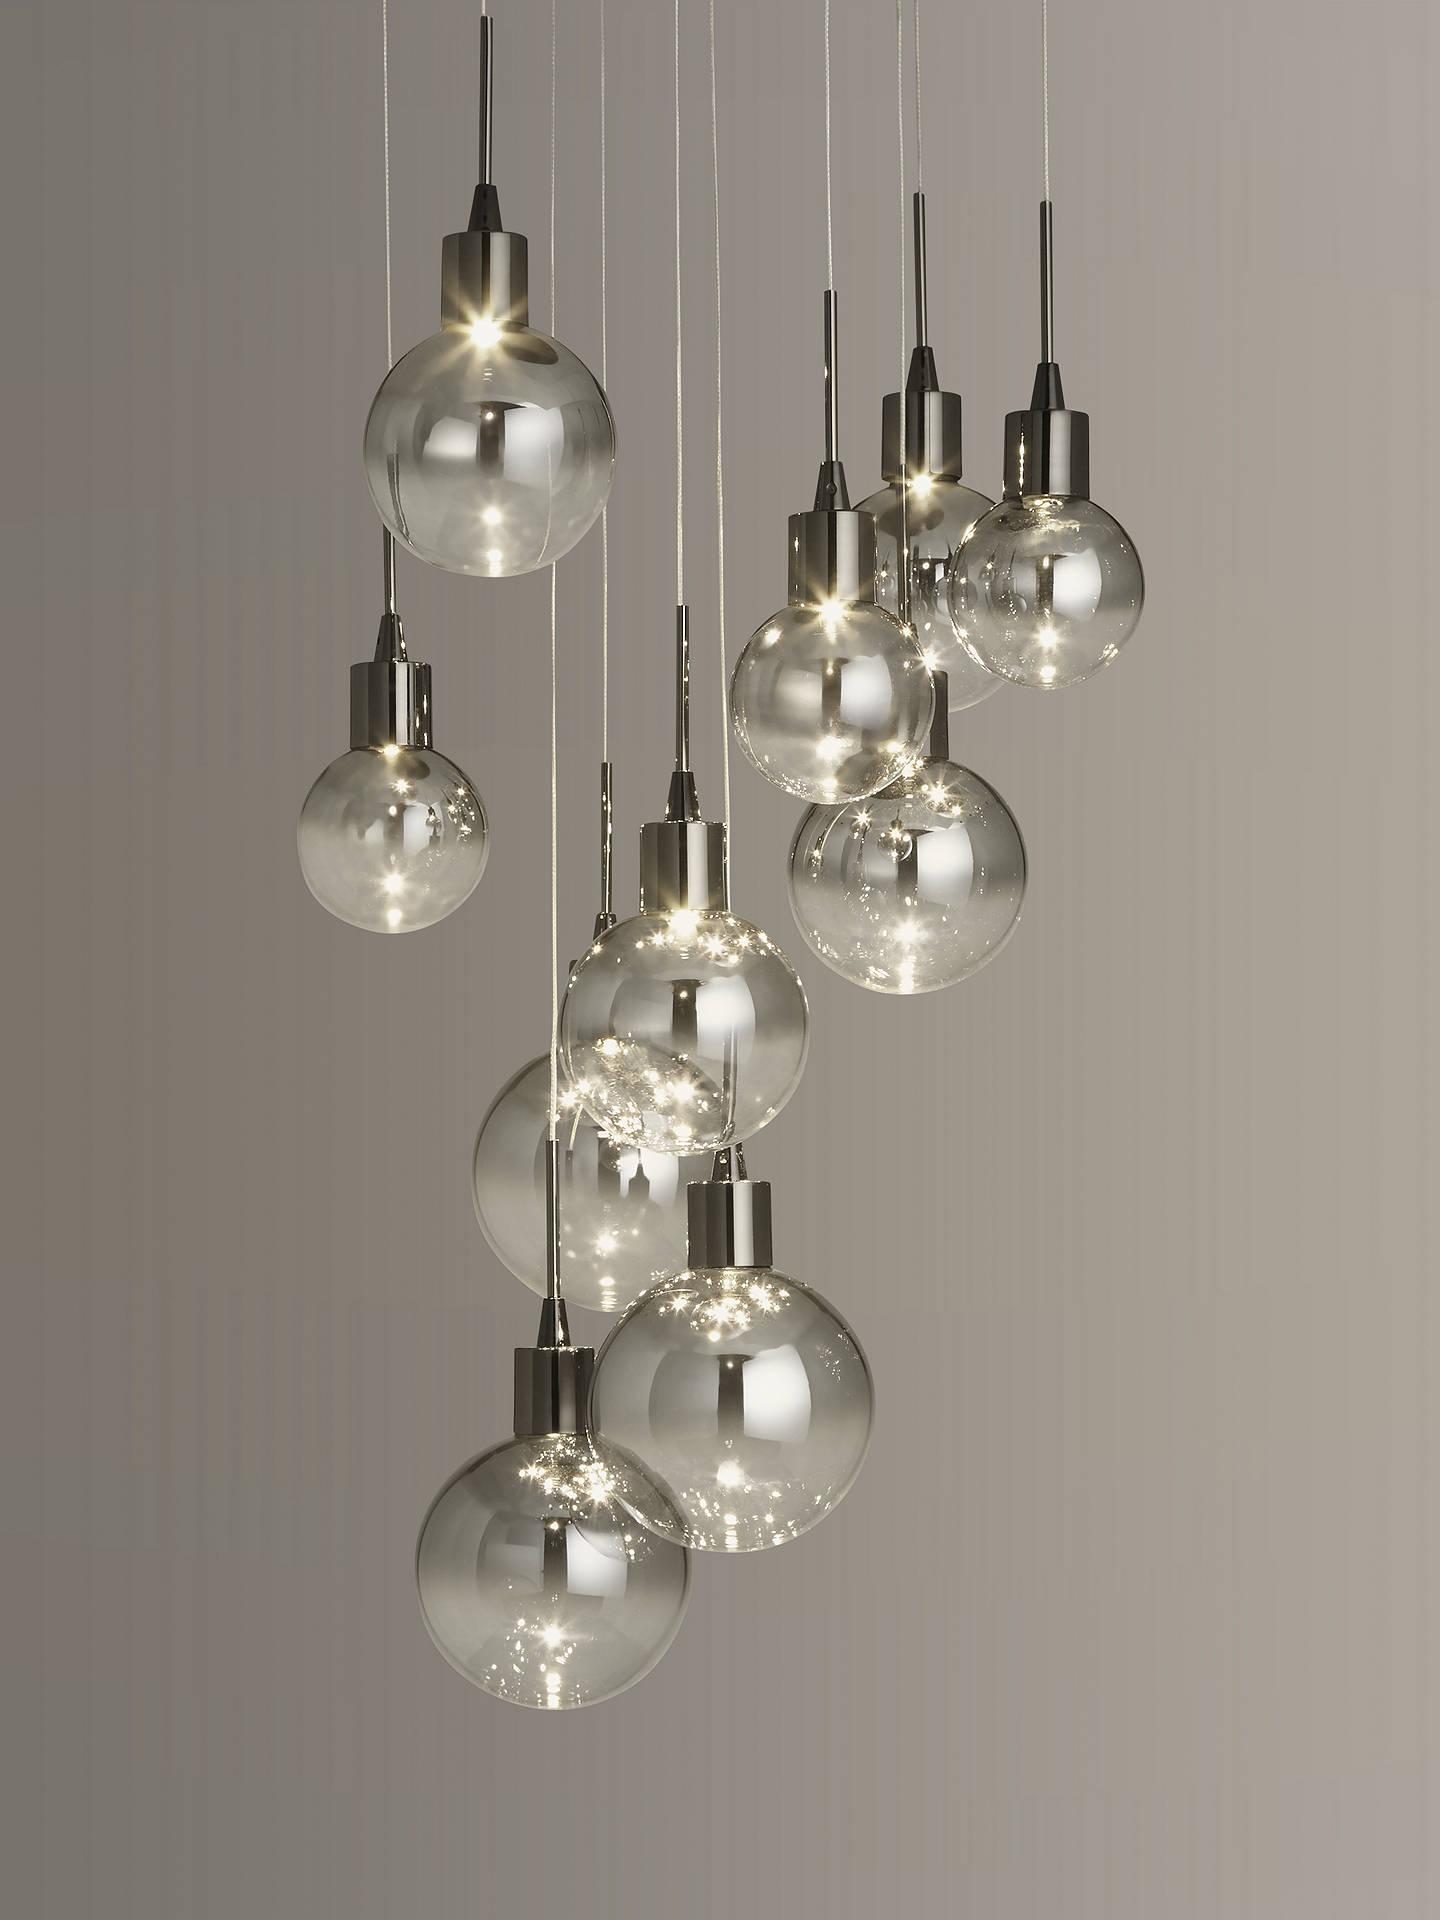 John Lewis & Partners Dano LED Ombre Glass Ceiling Light, 10 Light, Smoke